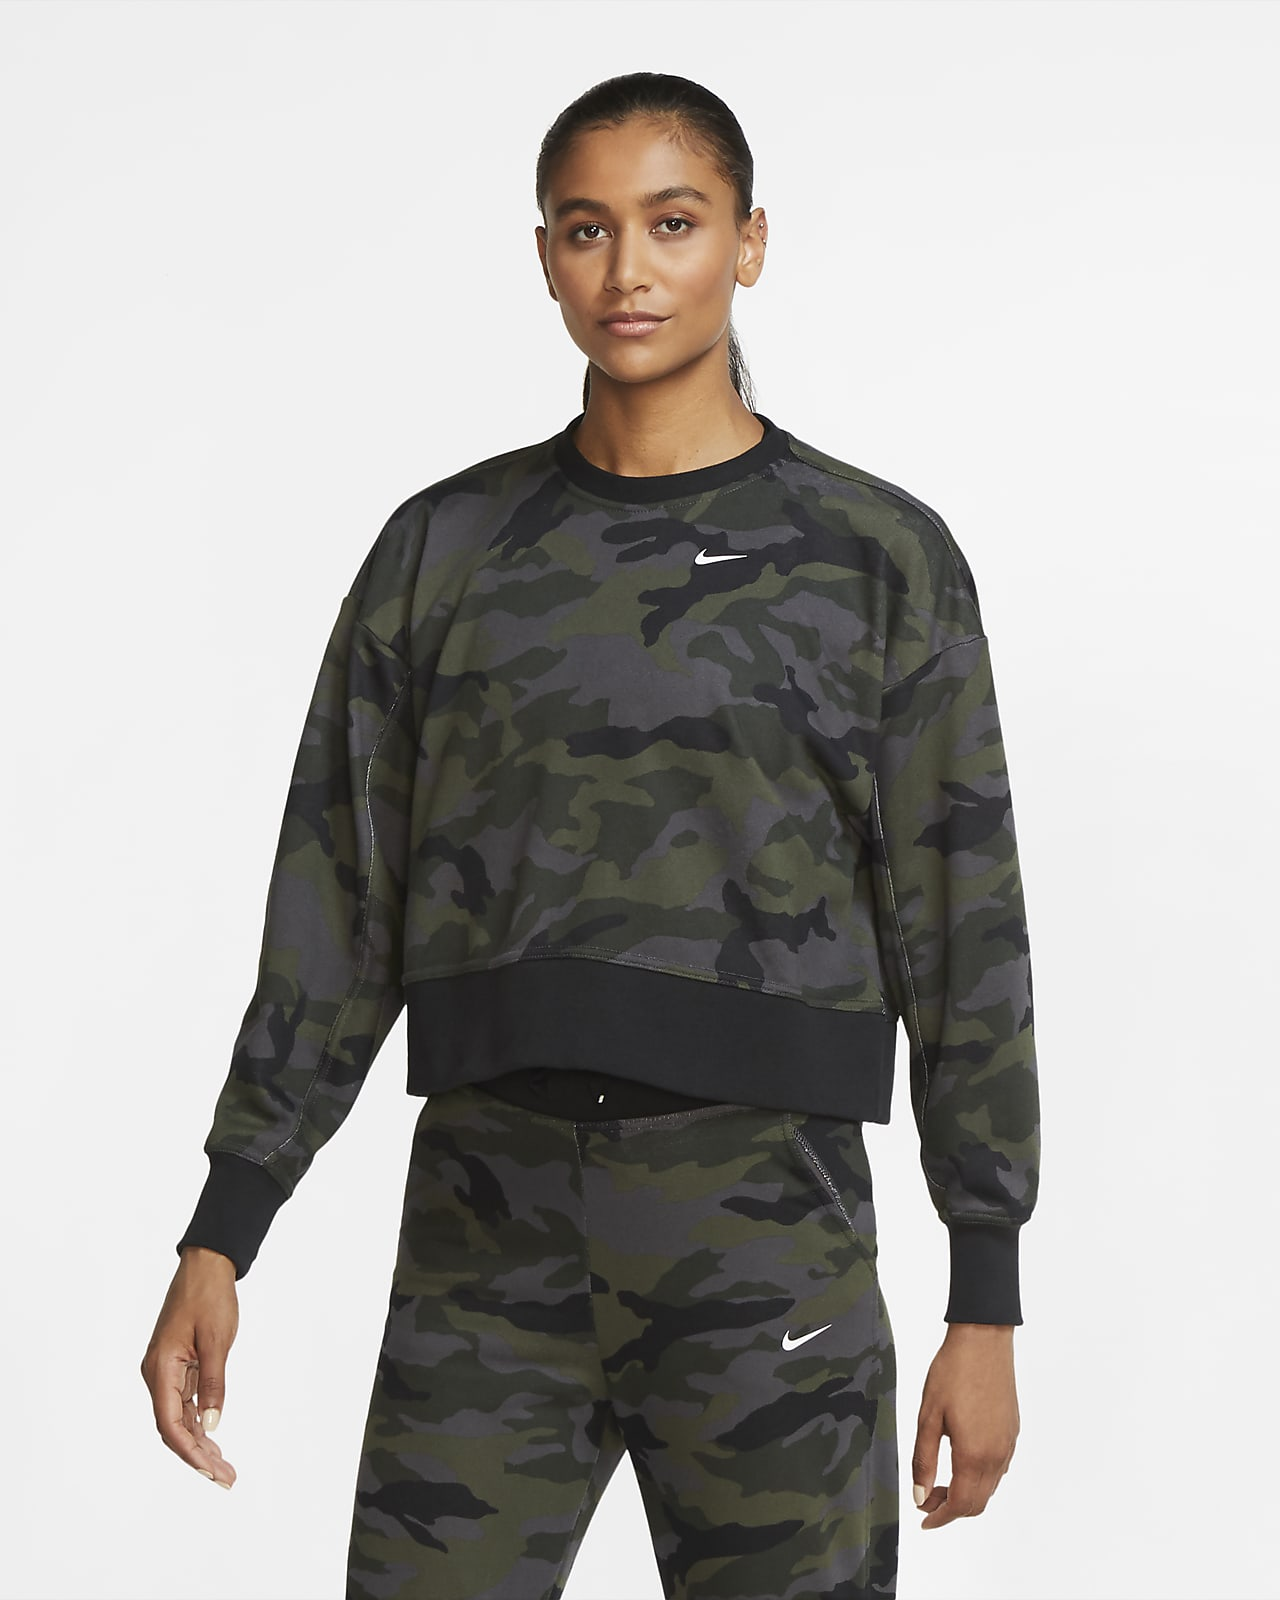 Женский свитшот с камуфляжным принтом для тренинга Nike Dri-FIT Get Fit